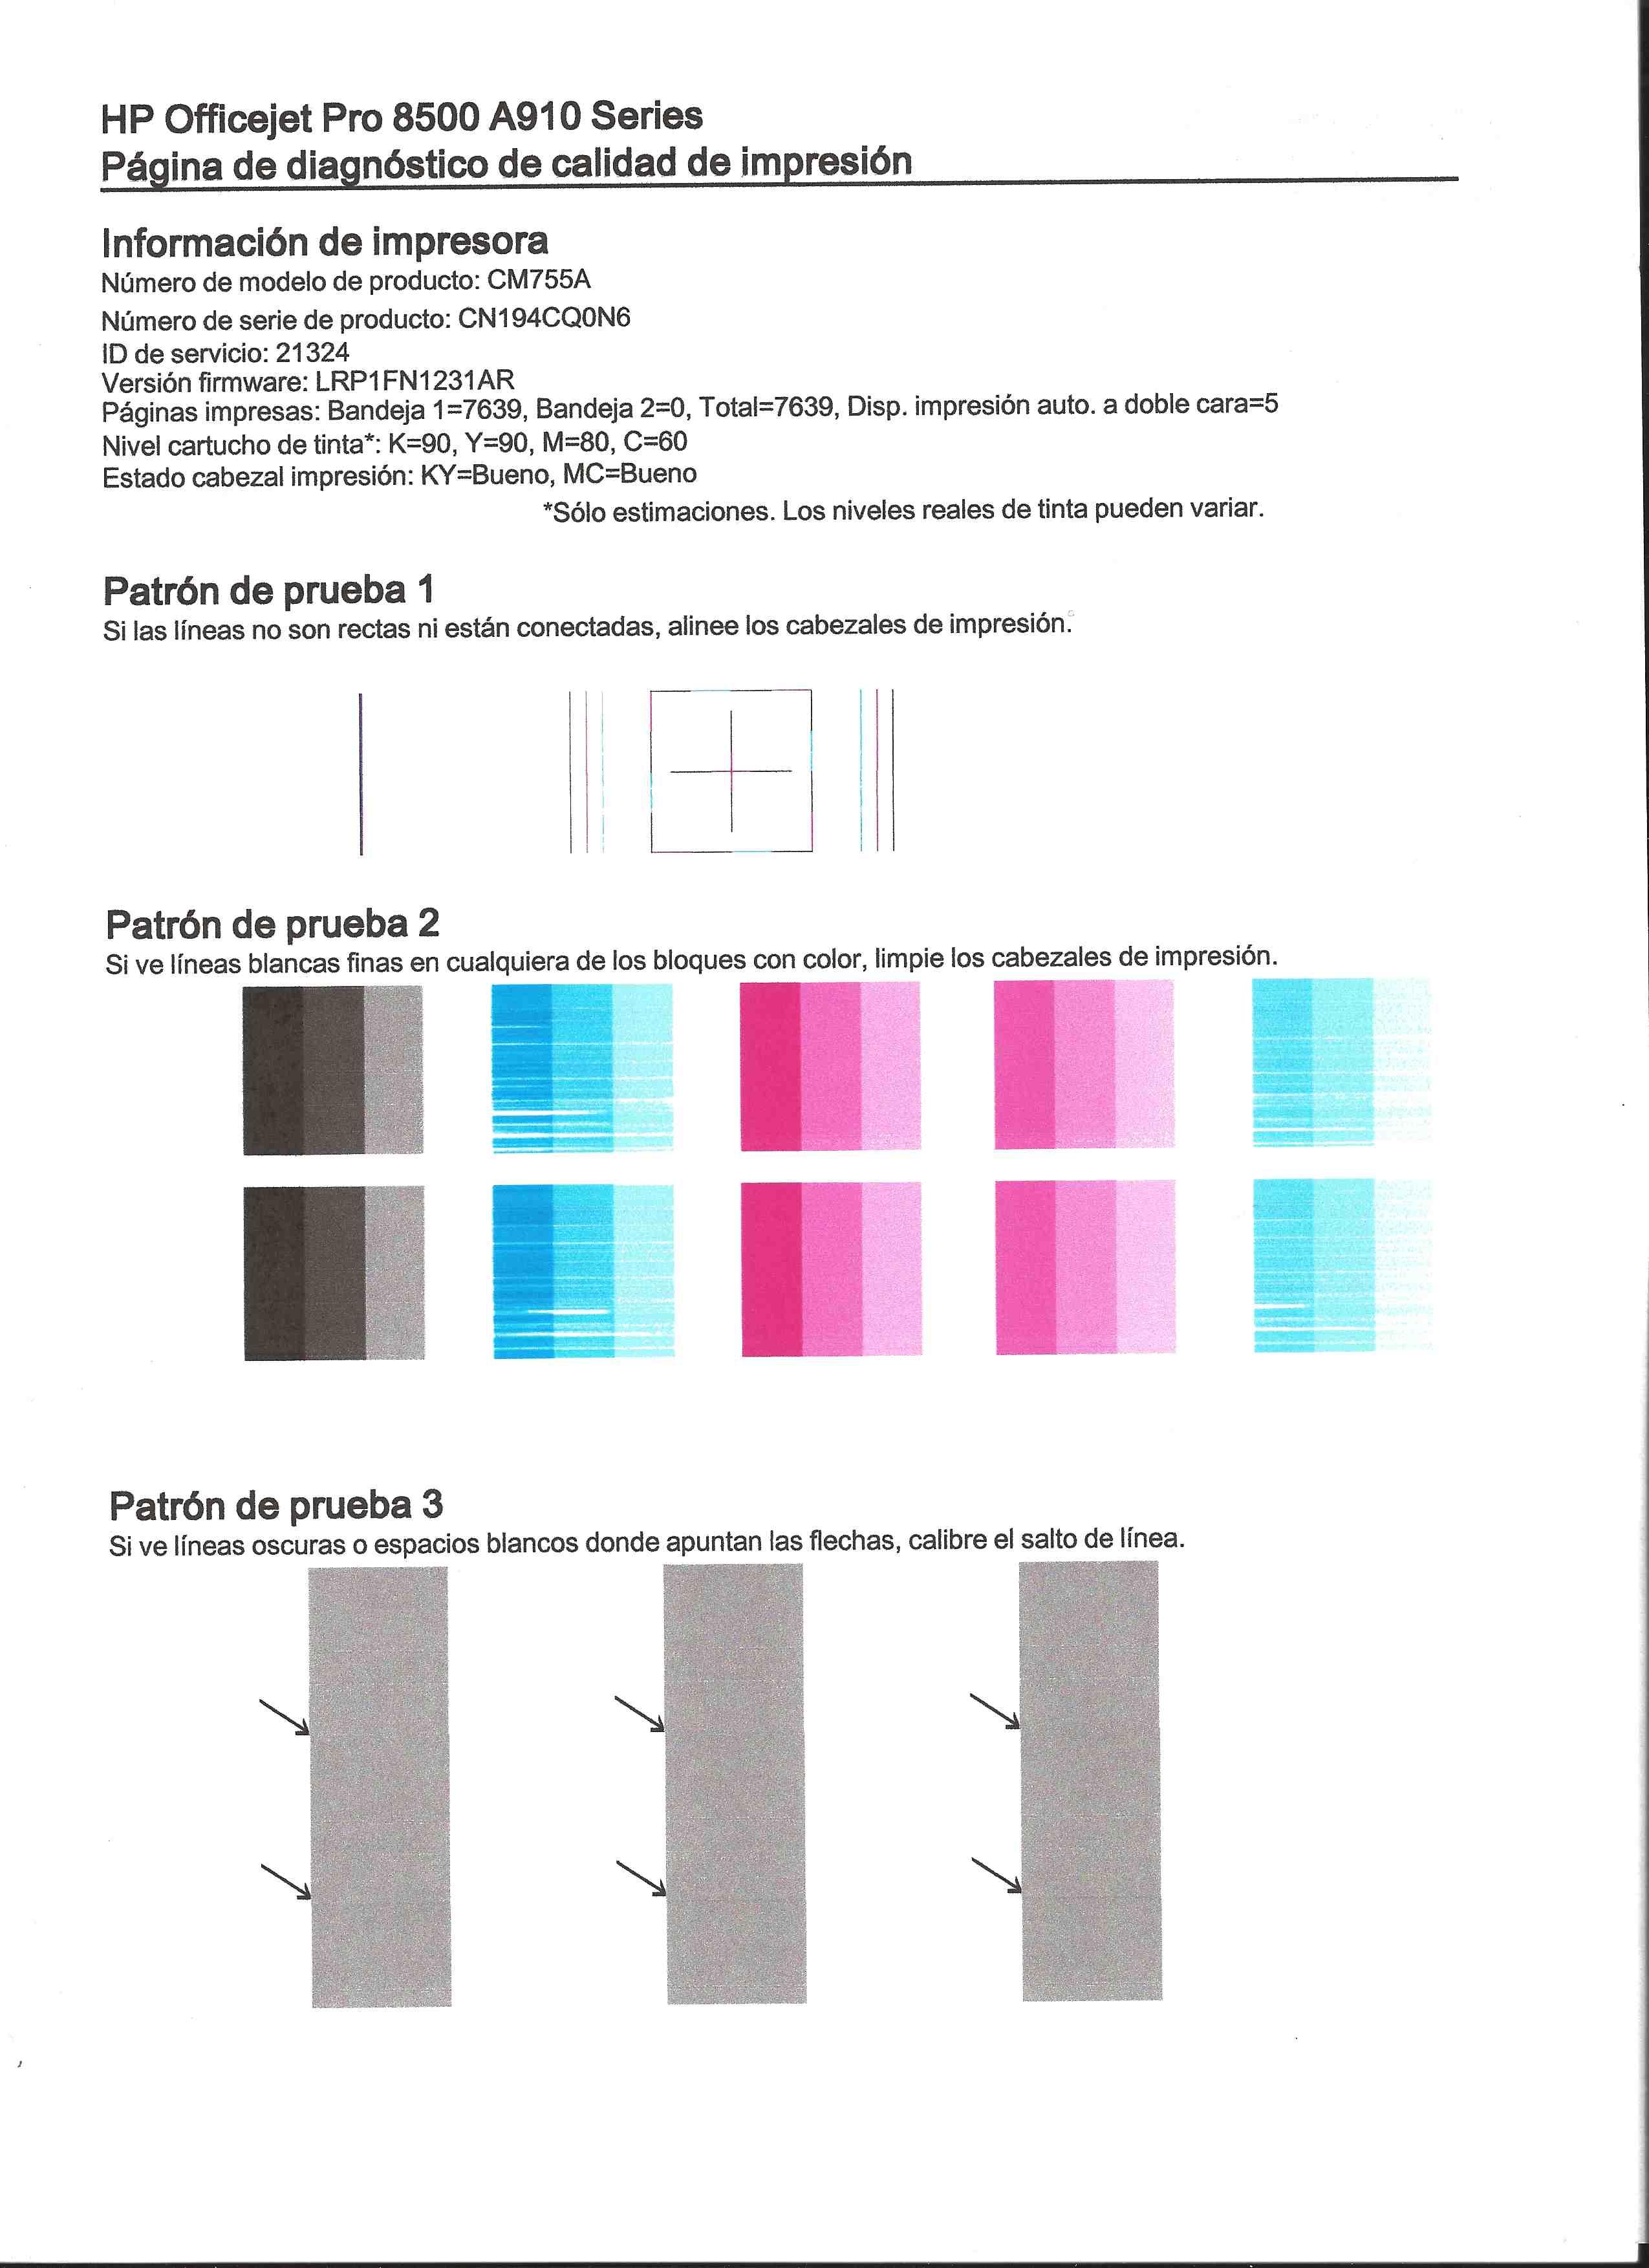 Foro HP - La impresora no imprime con cartuchos nuevos de co ...